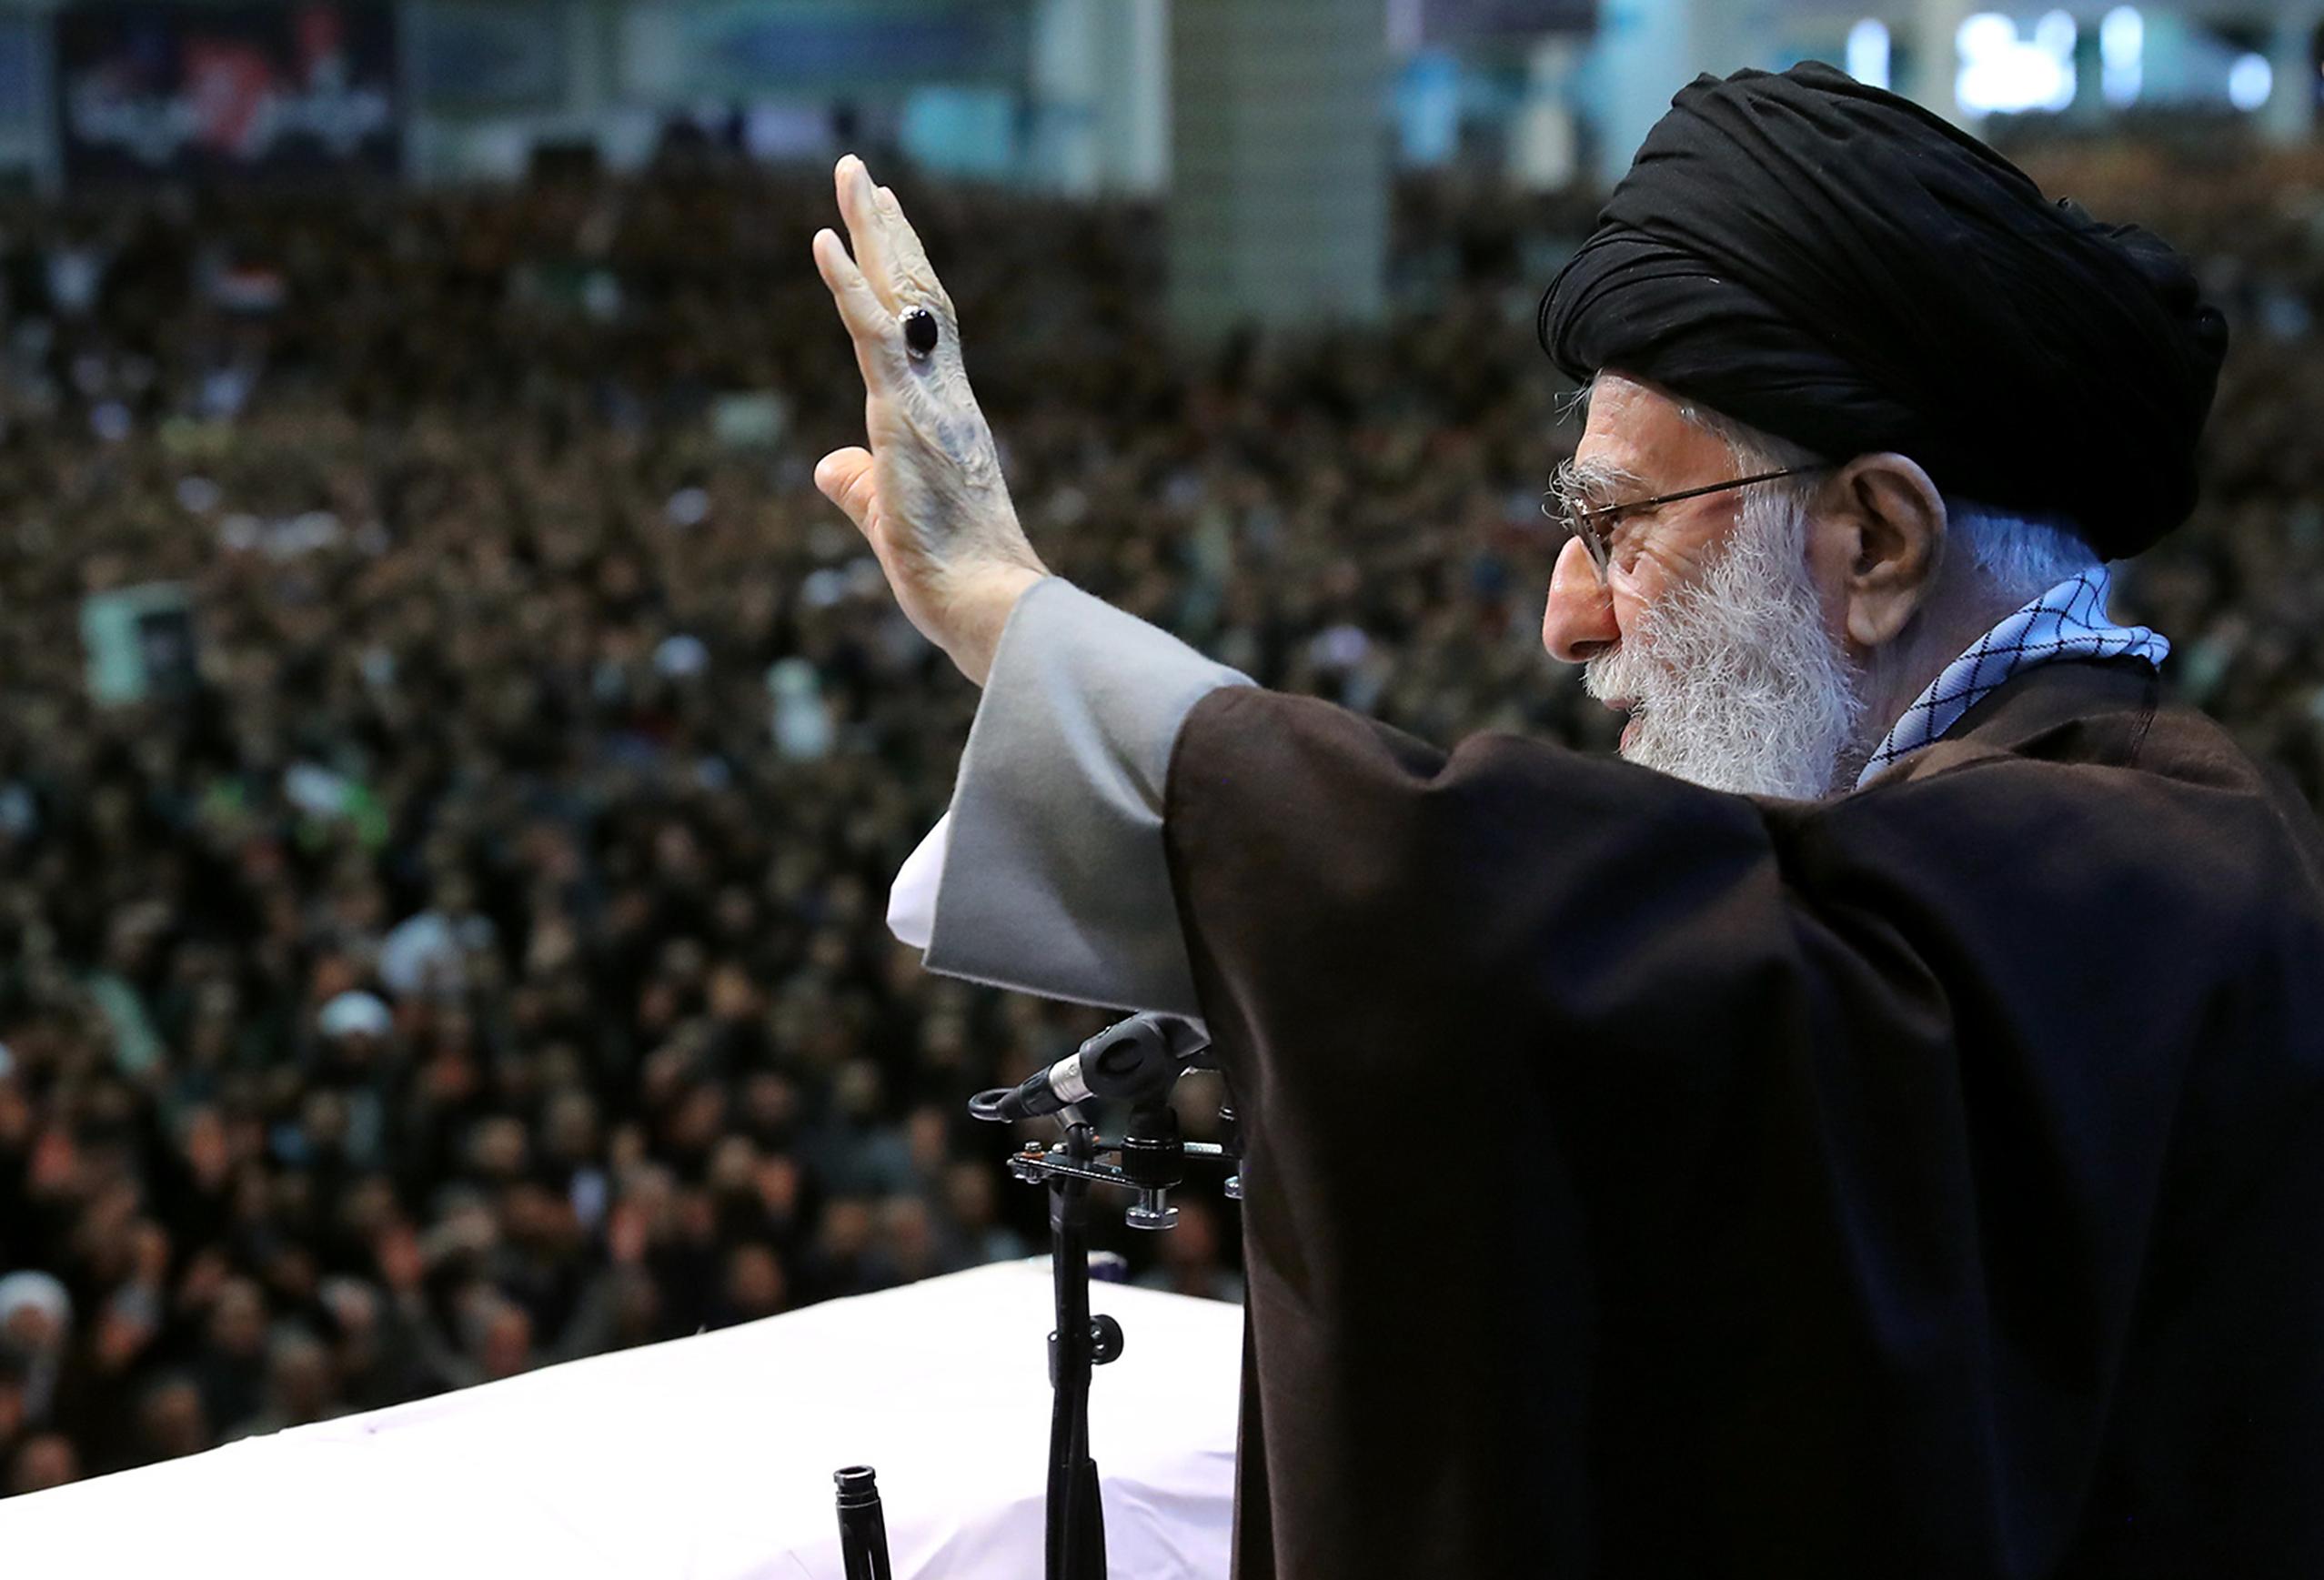 Az iráni ajatollah szerint az ukrán gép balesete nem írhatja felül Szulejmani mártíromságát